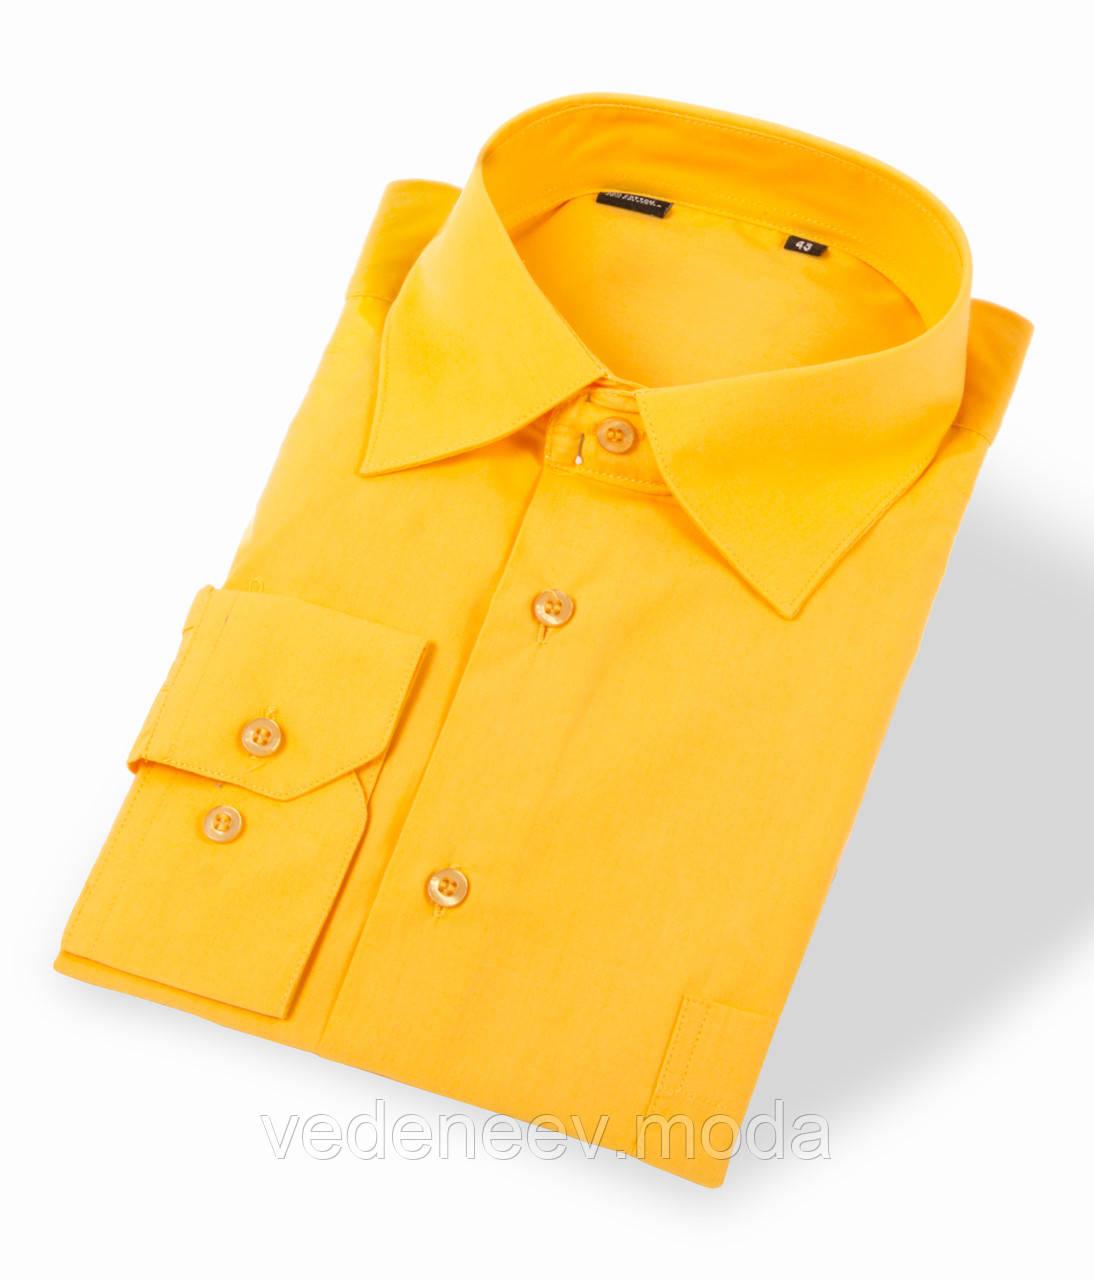 82ee50b179a Желтая мужская рубашка